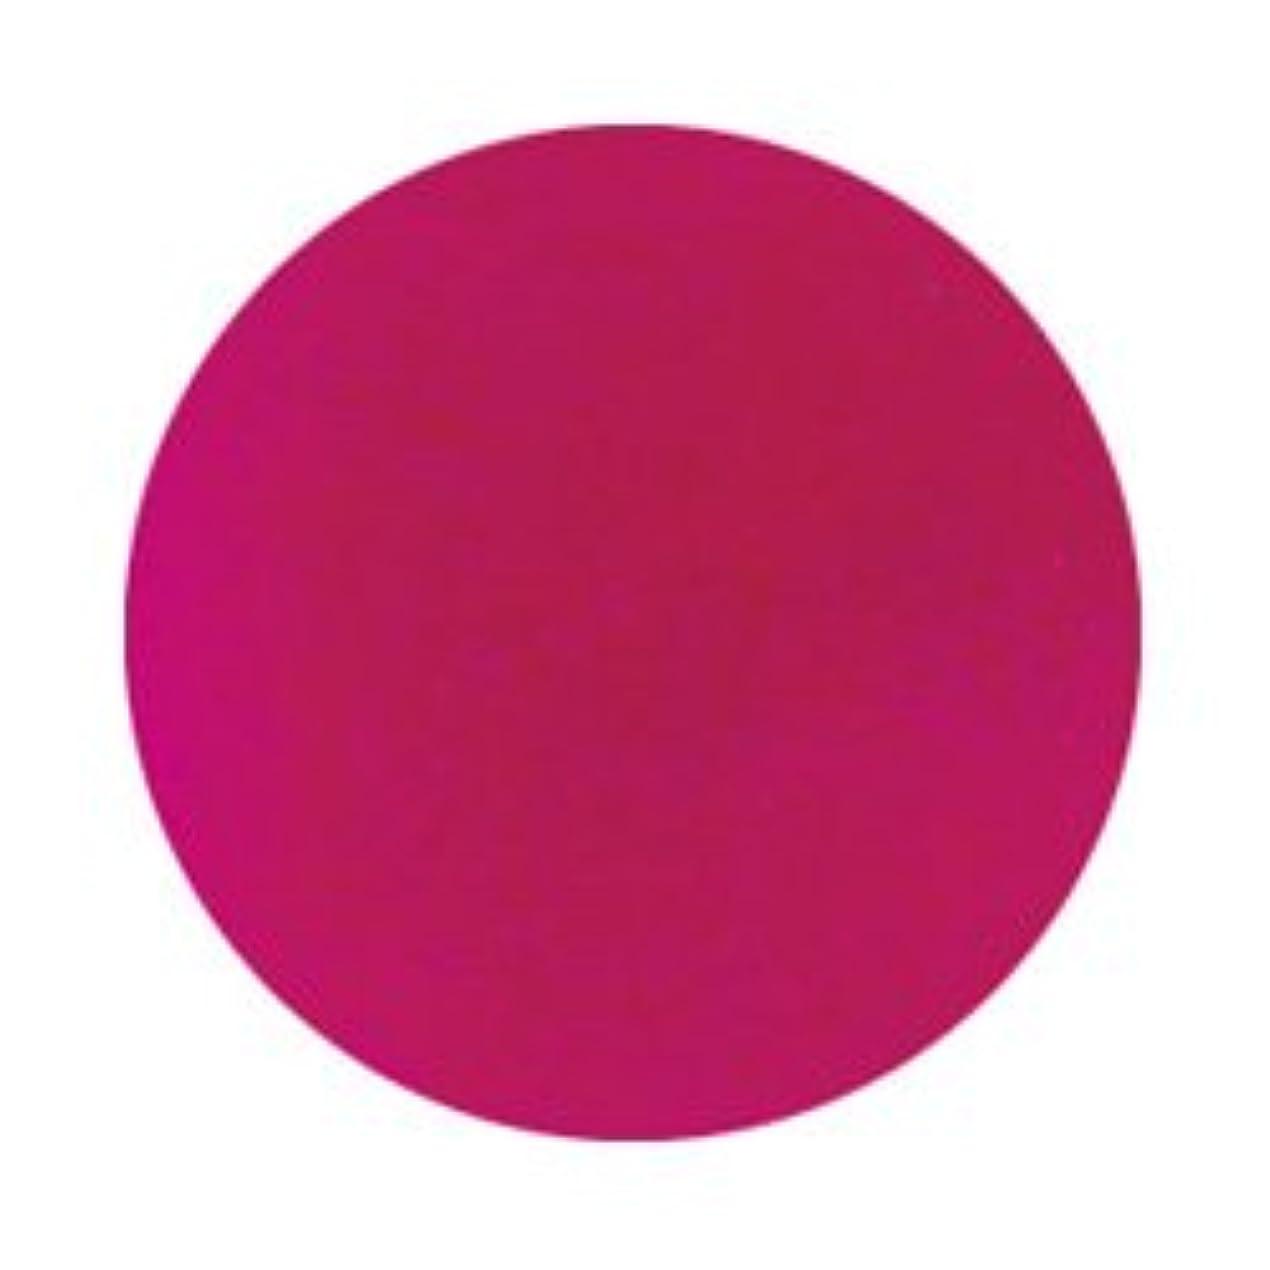 地図柱オーケストラ★JESSICA(ジェシカ) <BR>ジェレレーション カラー 15ml<BR>463 パッションネイトキッシーズ